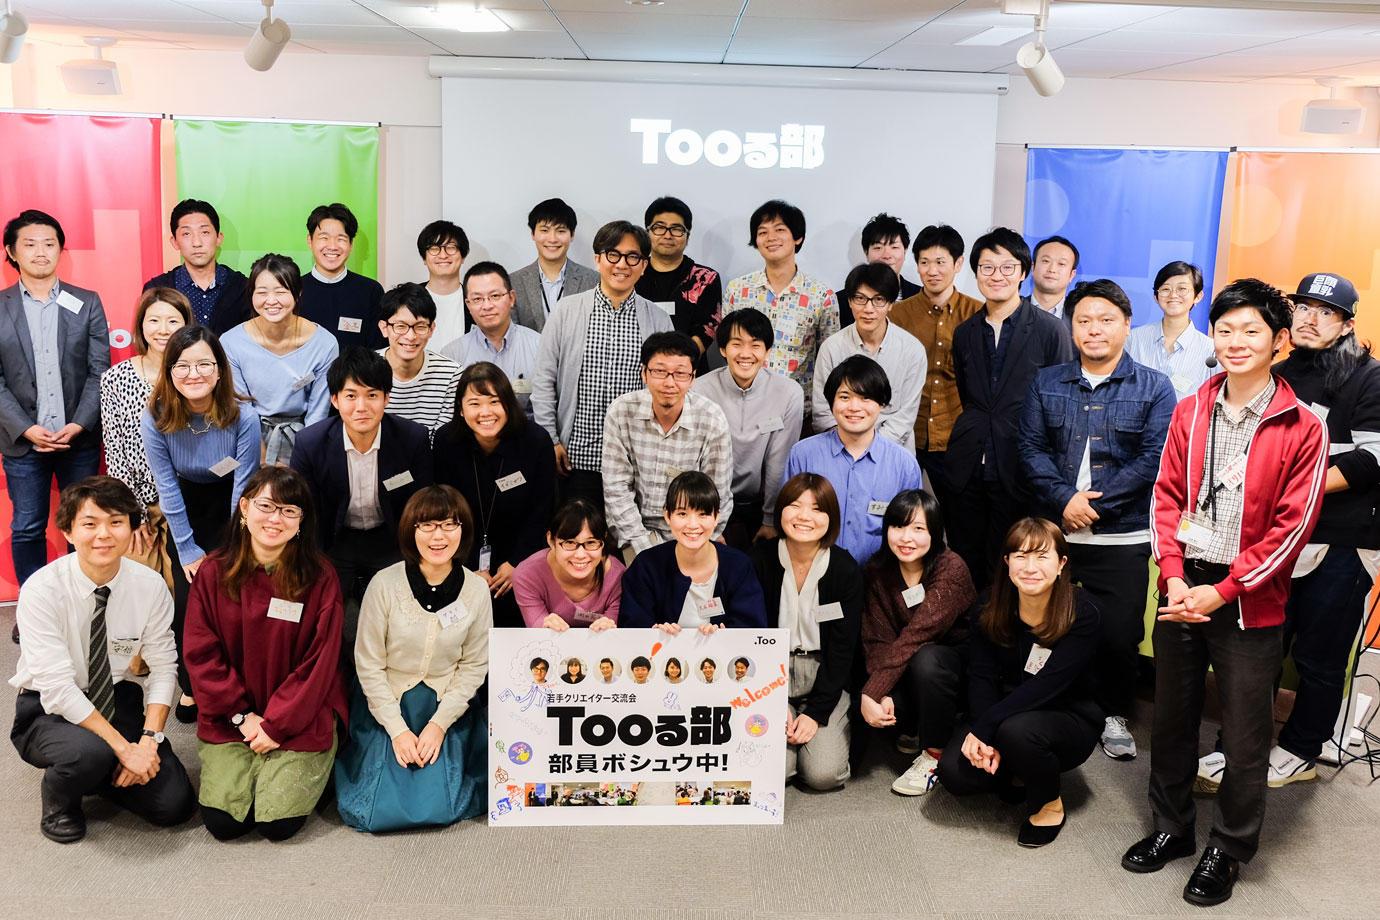 toolbu_04.jpg